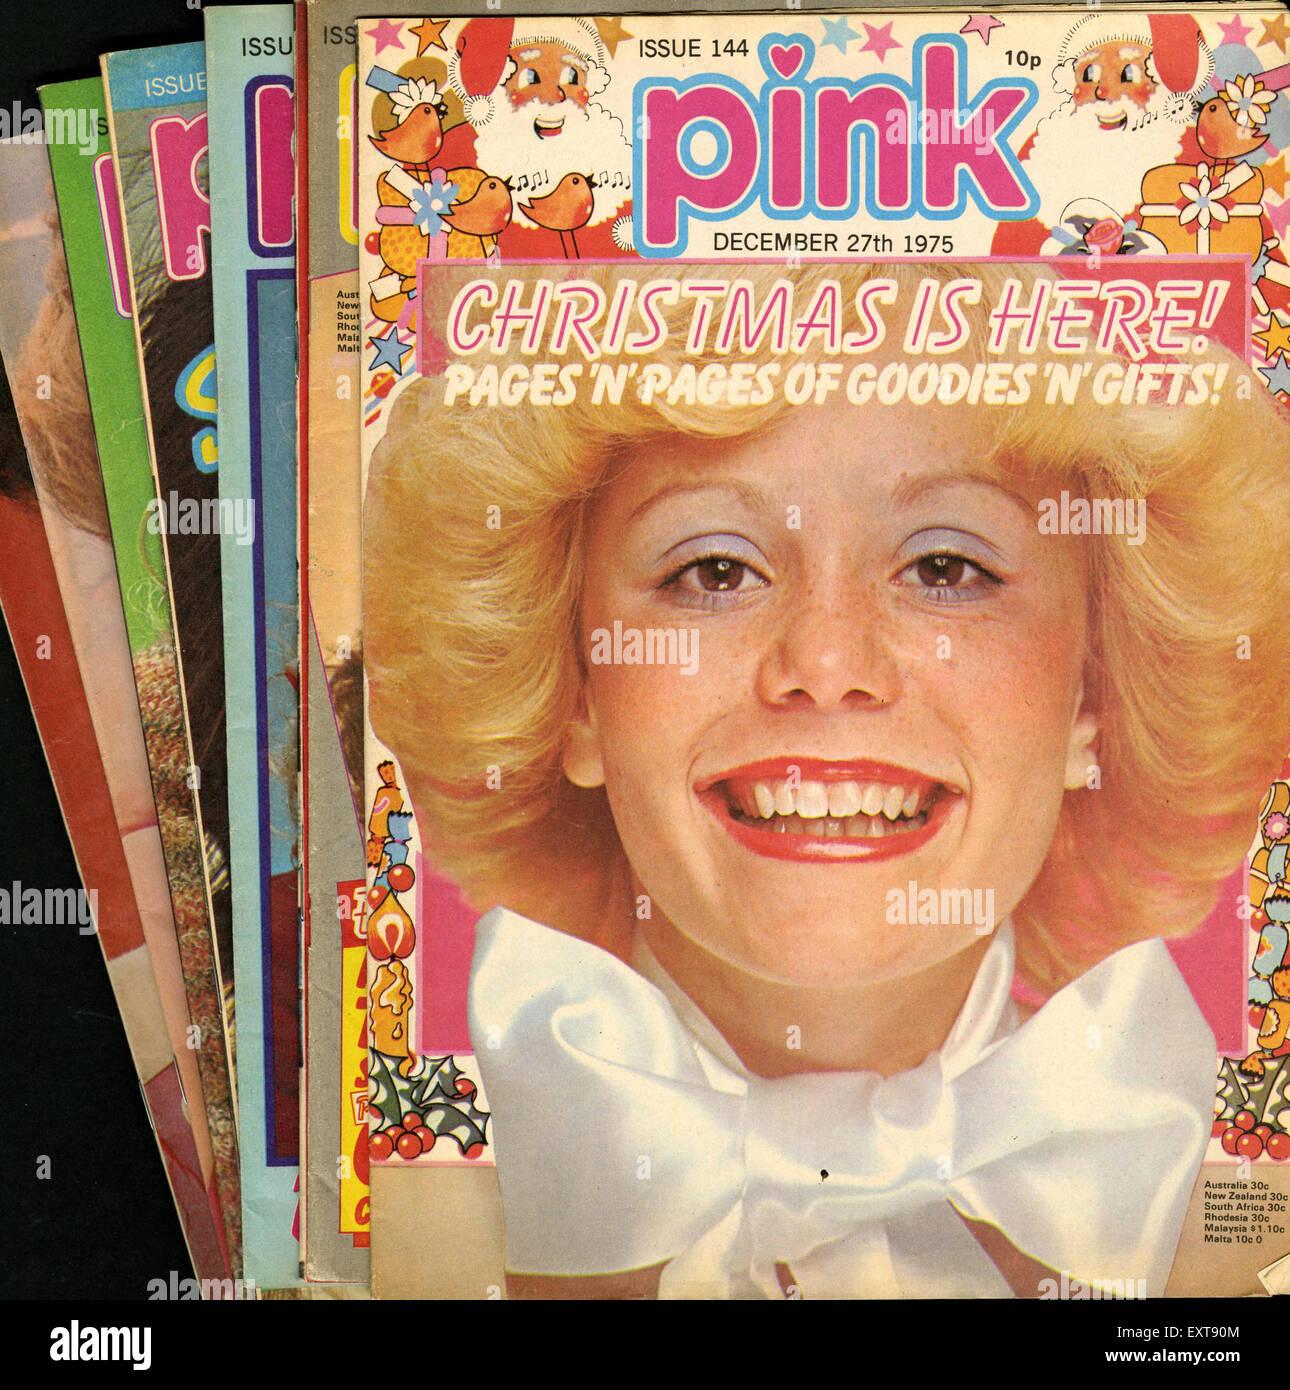 1970s UK Pink Magazines Magazine Cover - Stock Image